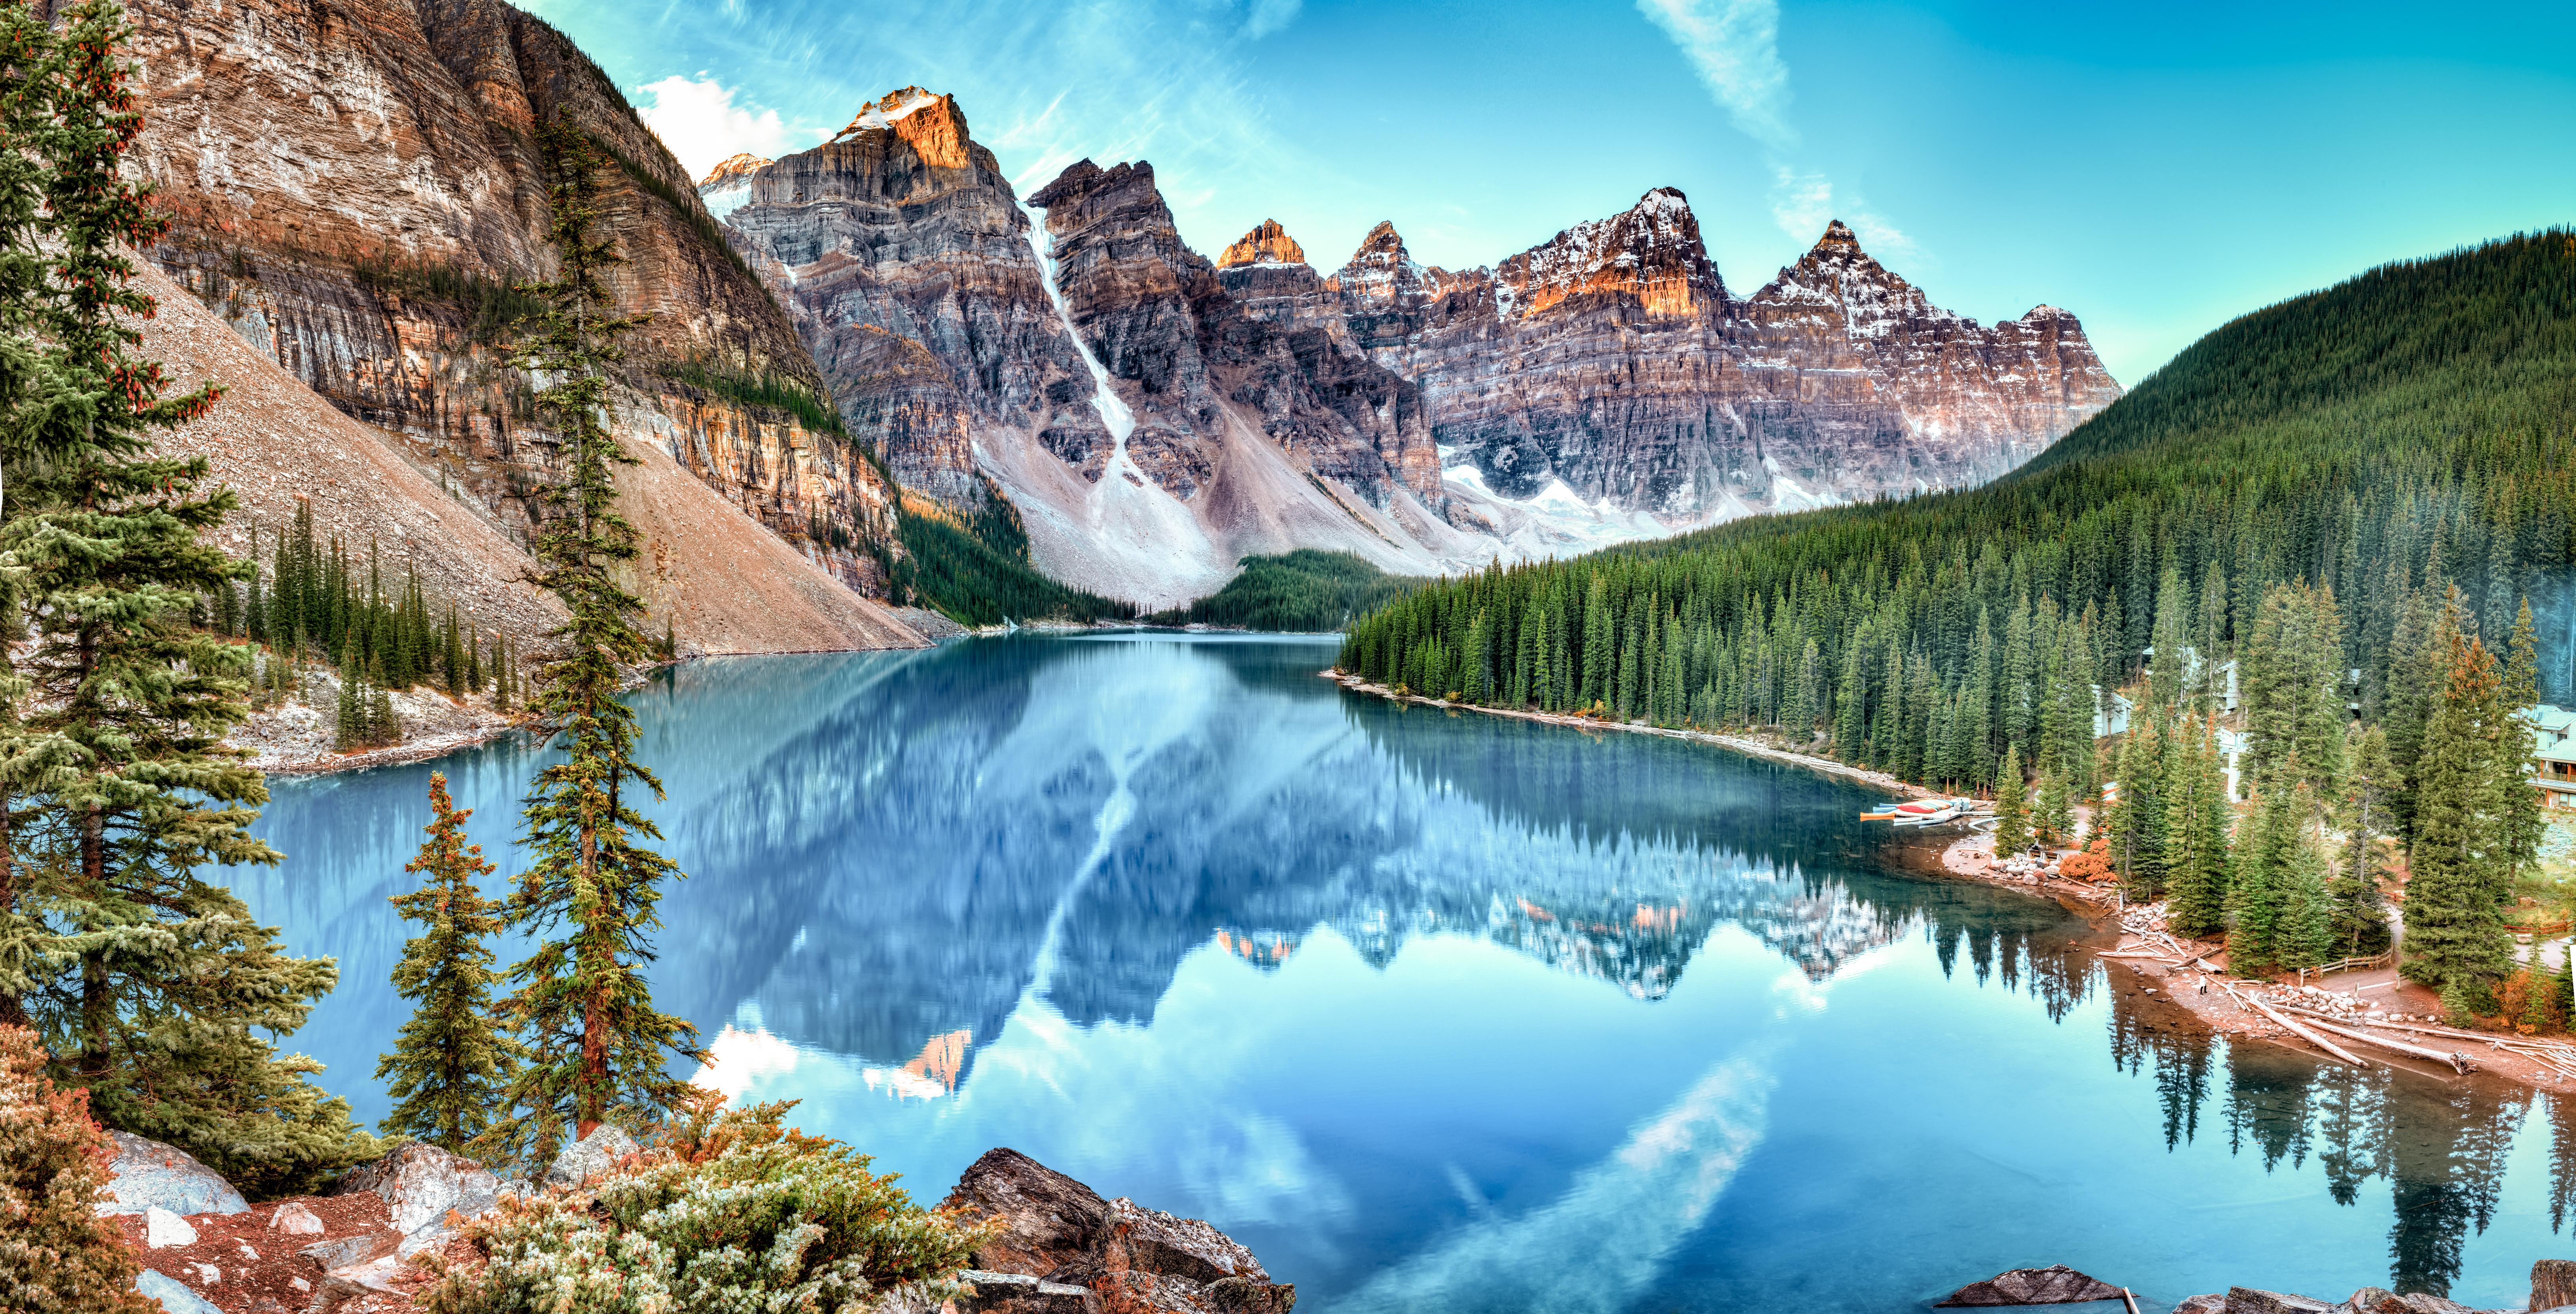 Canada 150 Banff